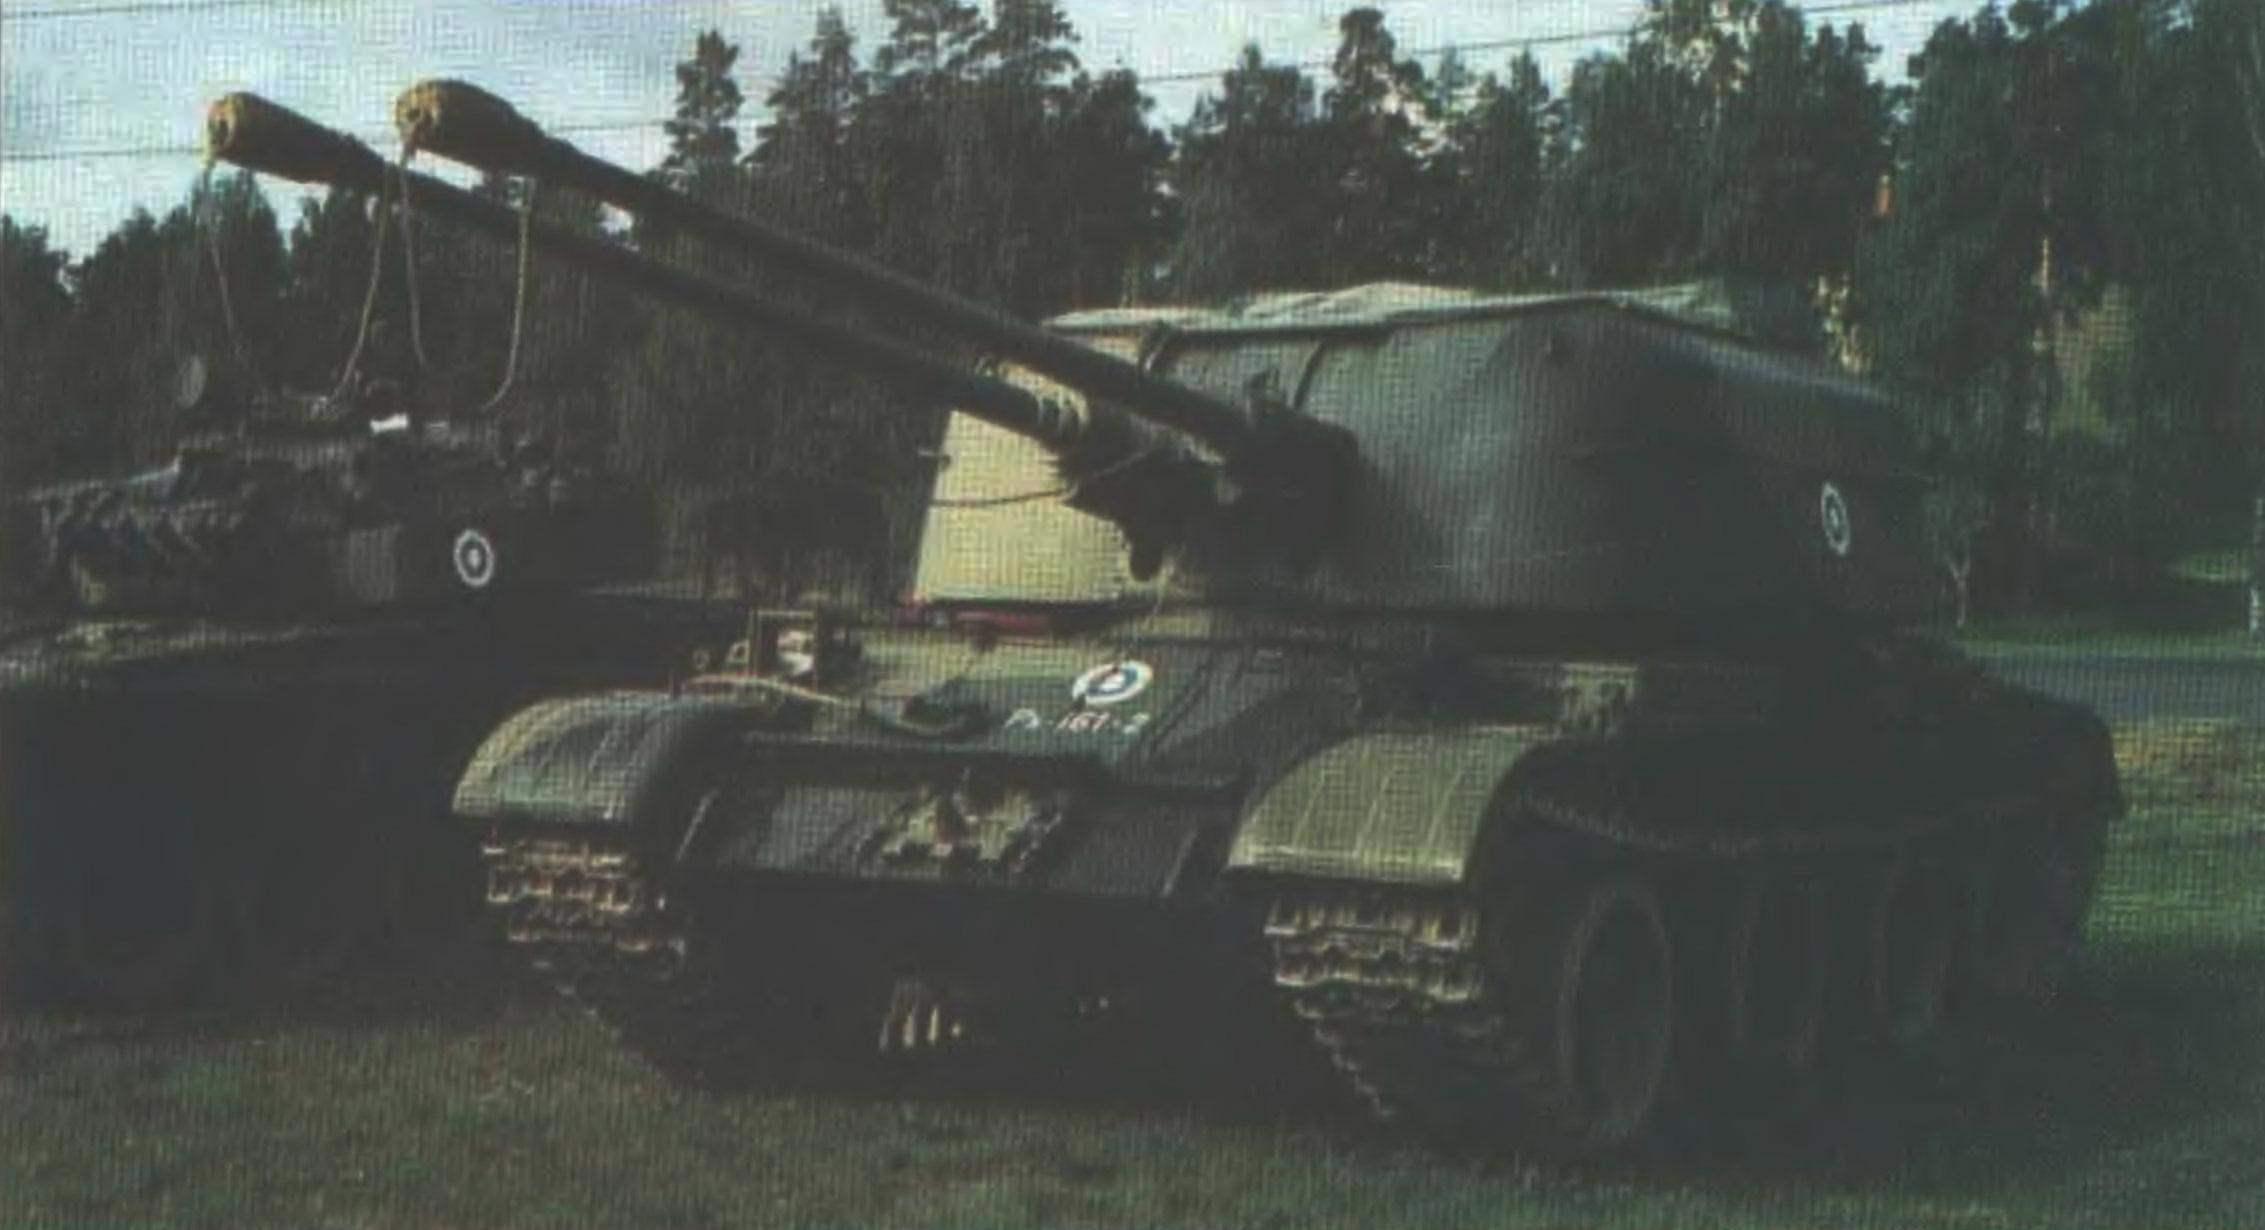 Зенитная самоходная установка ЗСУ-57-2 финской армии. На вооружении подразделений ПВО этой страны ЗСУ-57-2 находились с 1960 по 1985 год